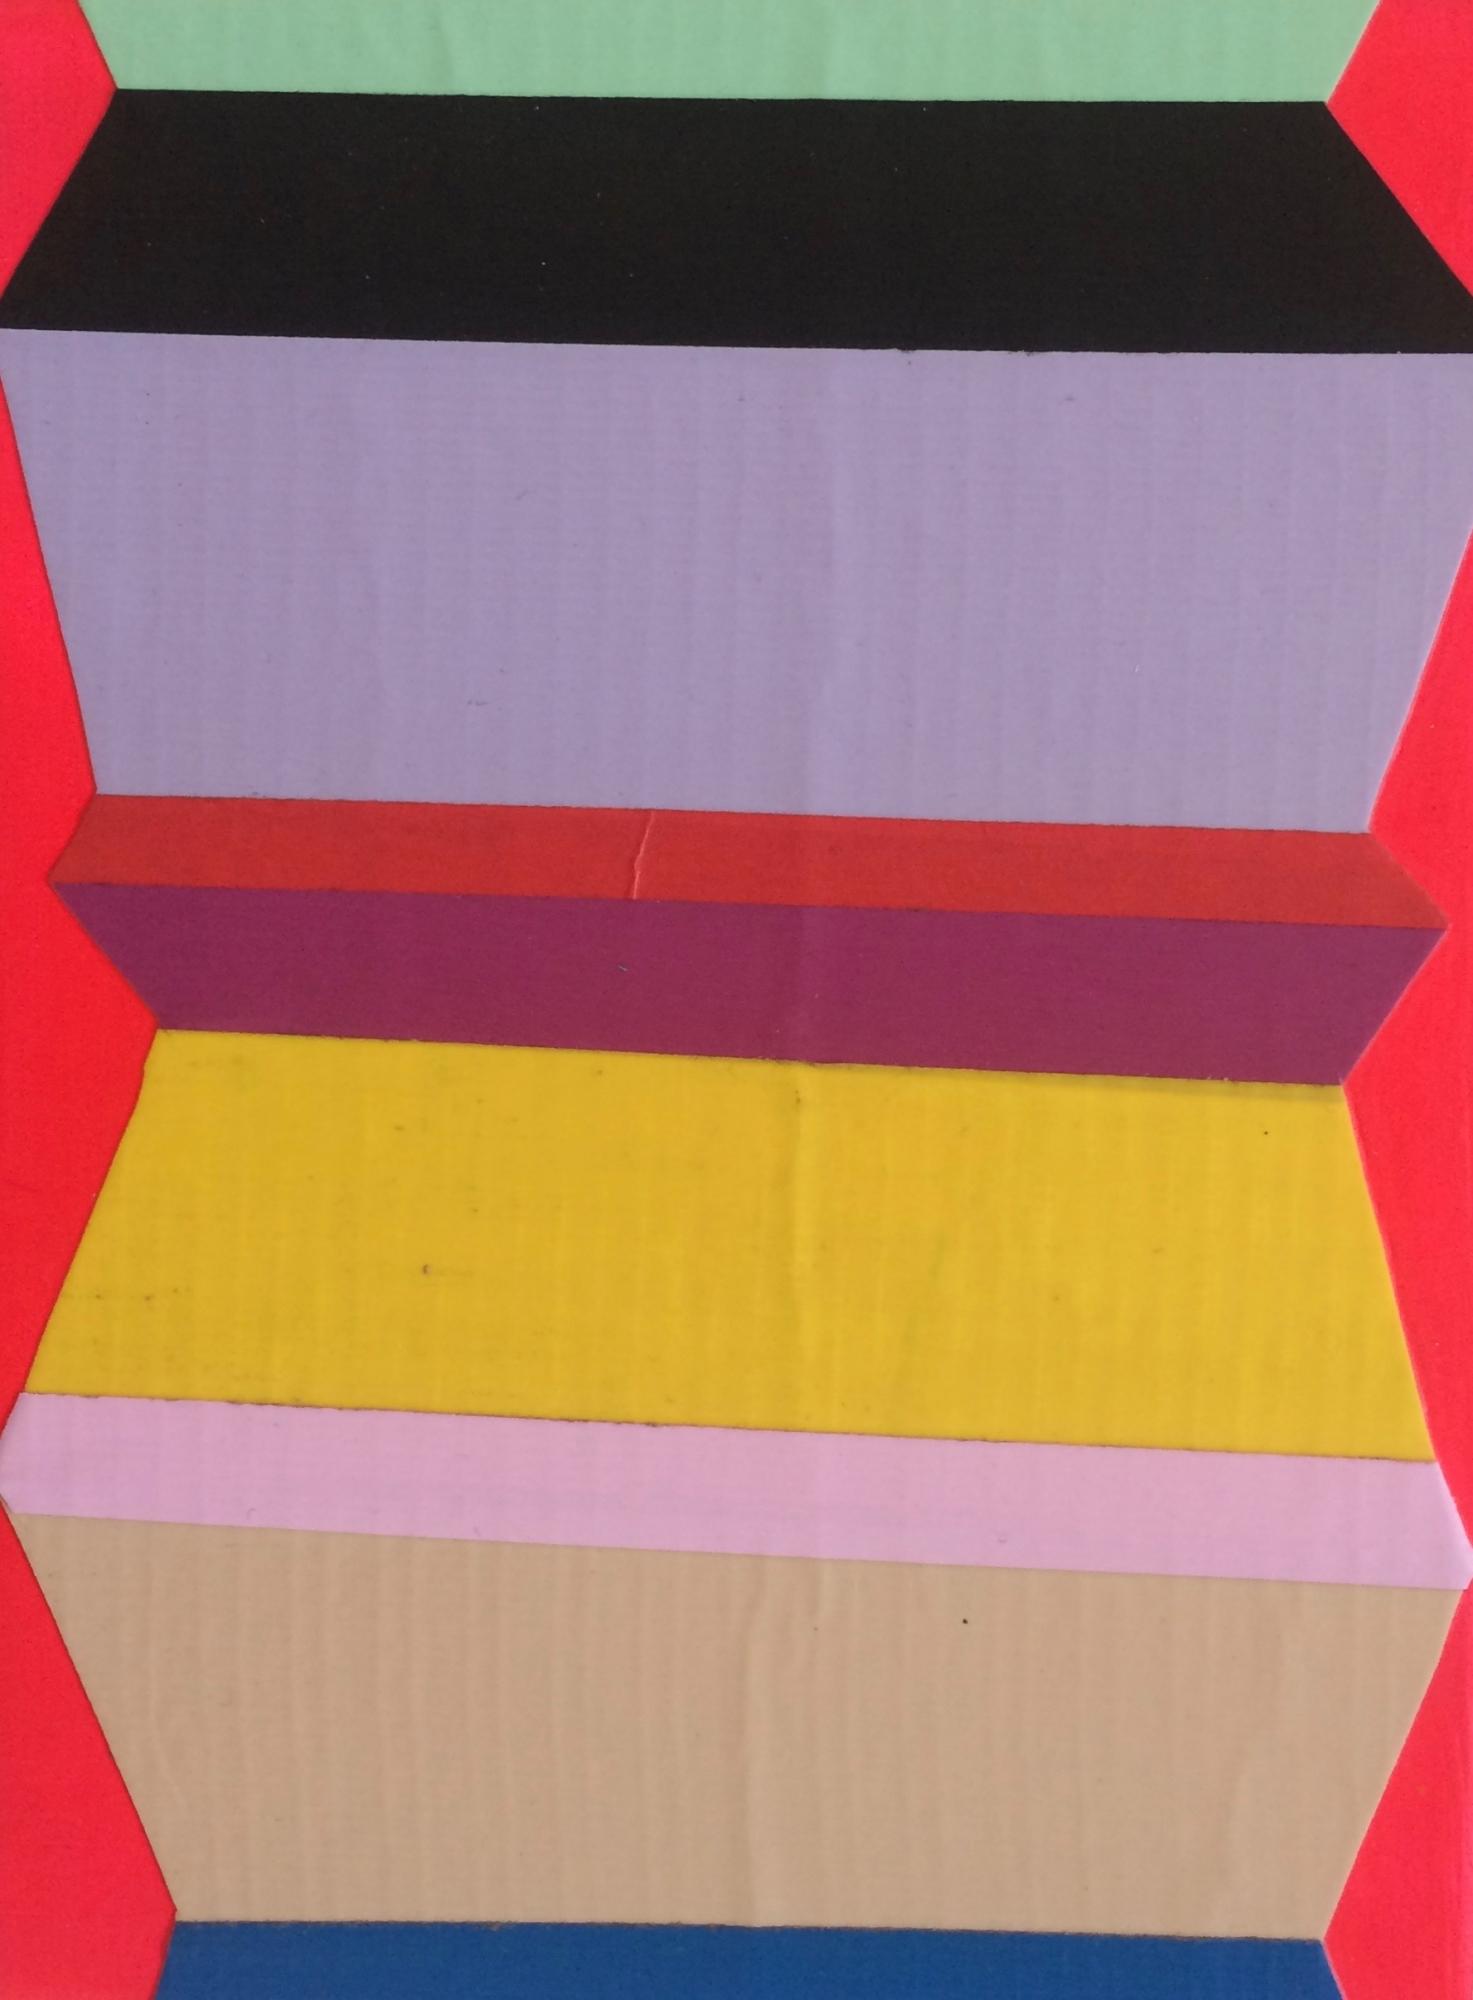 Zag Fluorescent Pink by Janine Miedzik